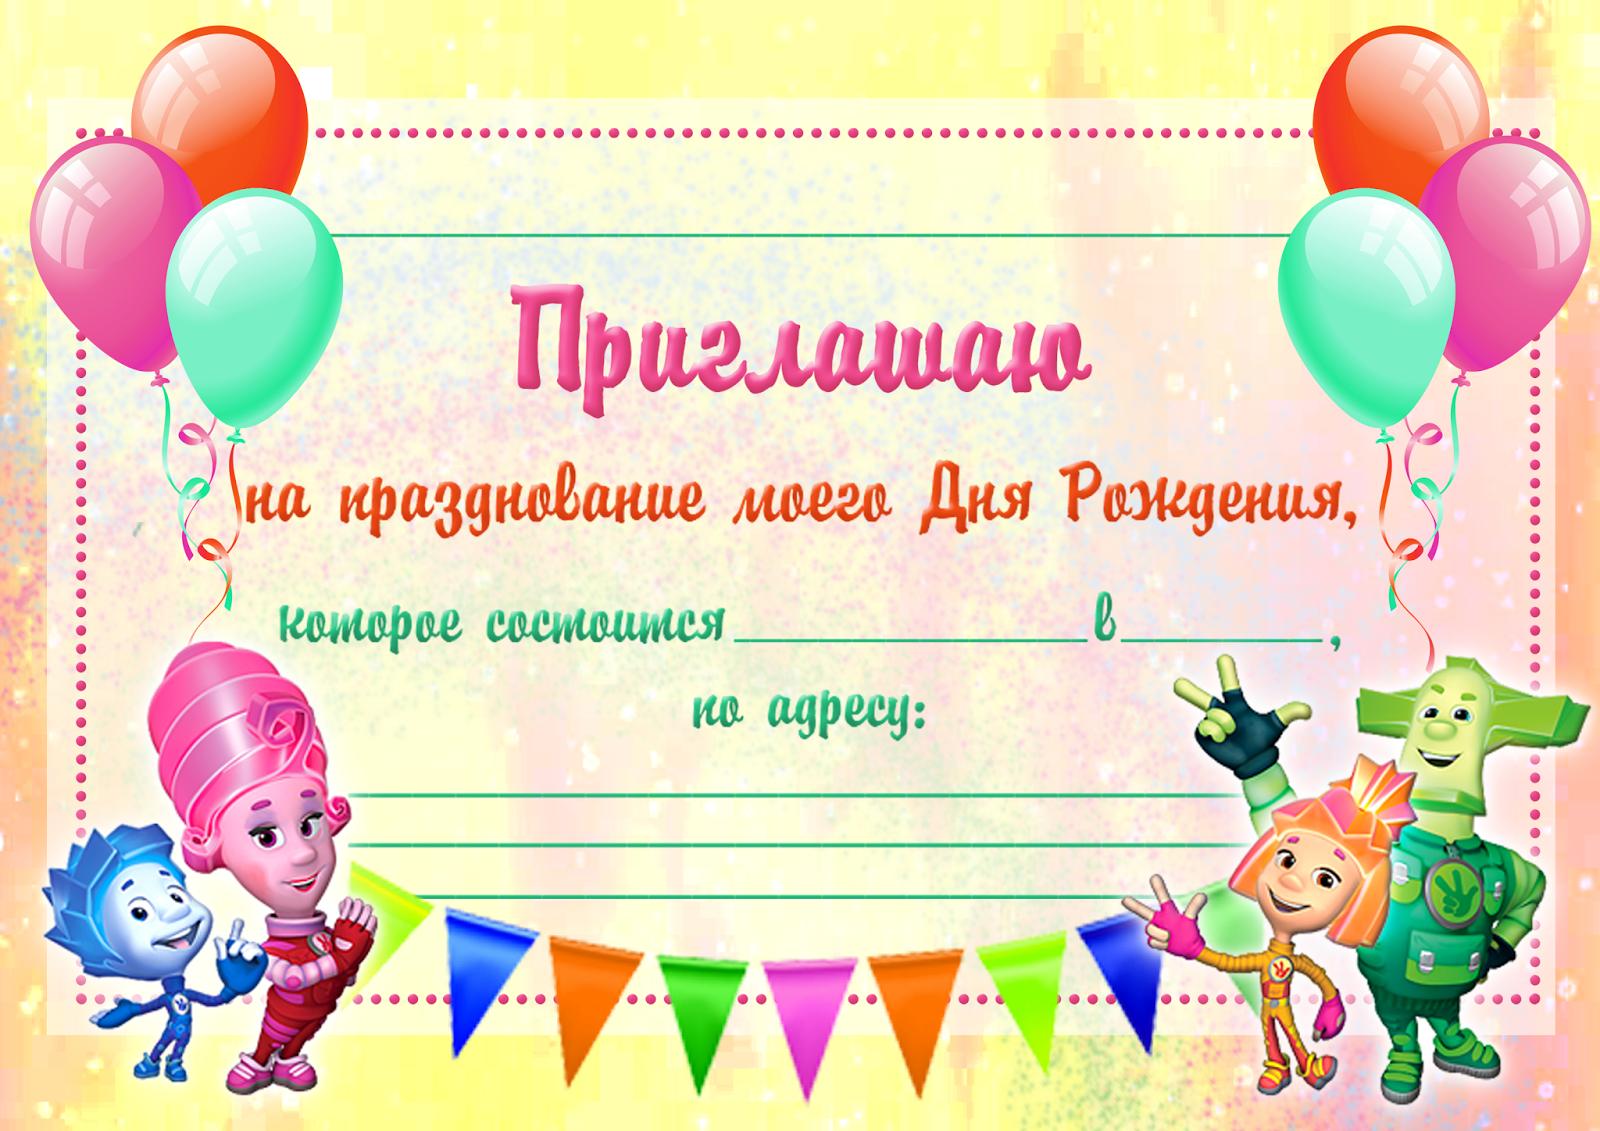 Для анимации, как пригласить на день рождения открытка